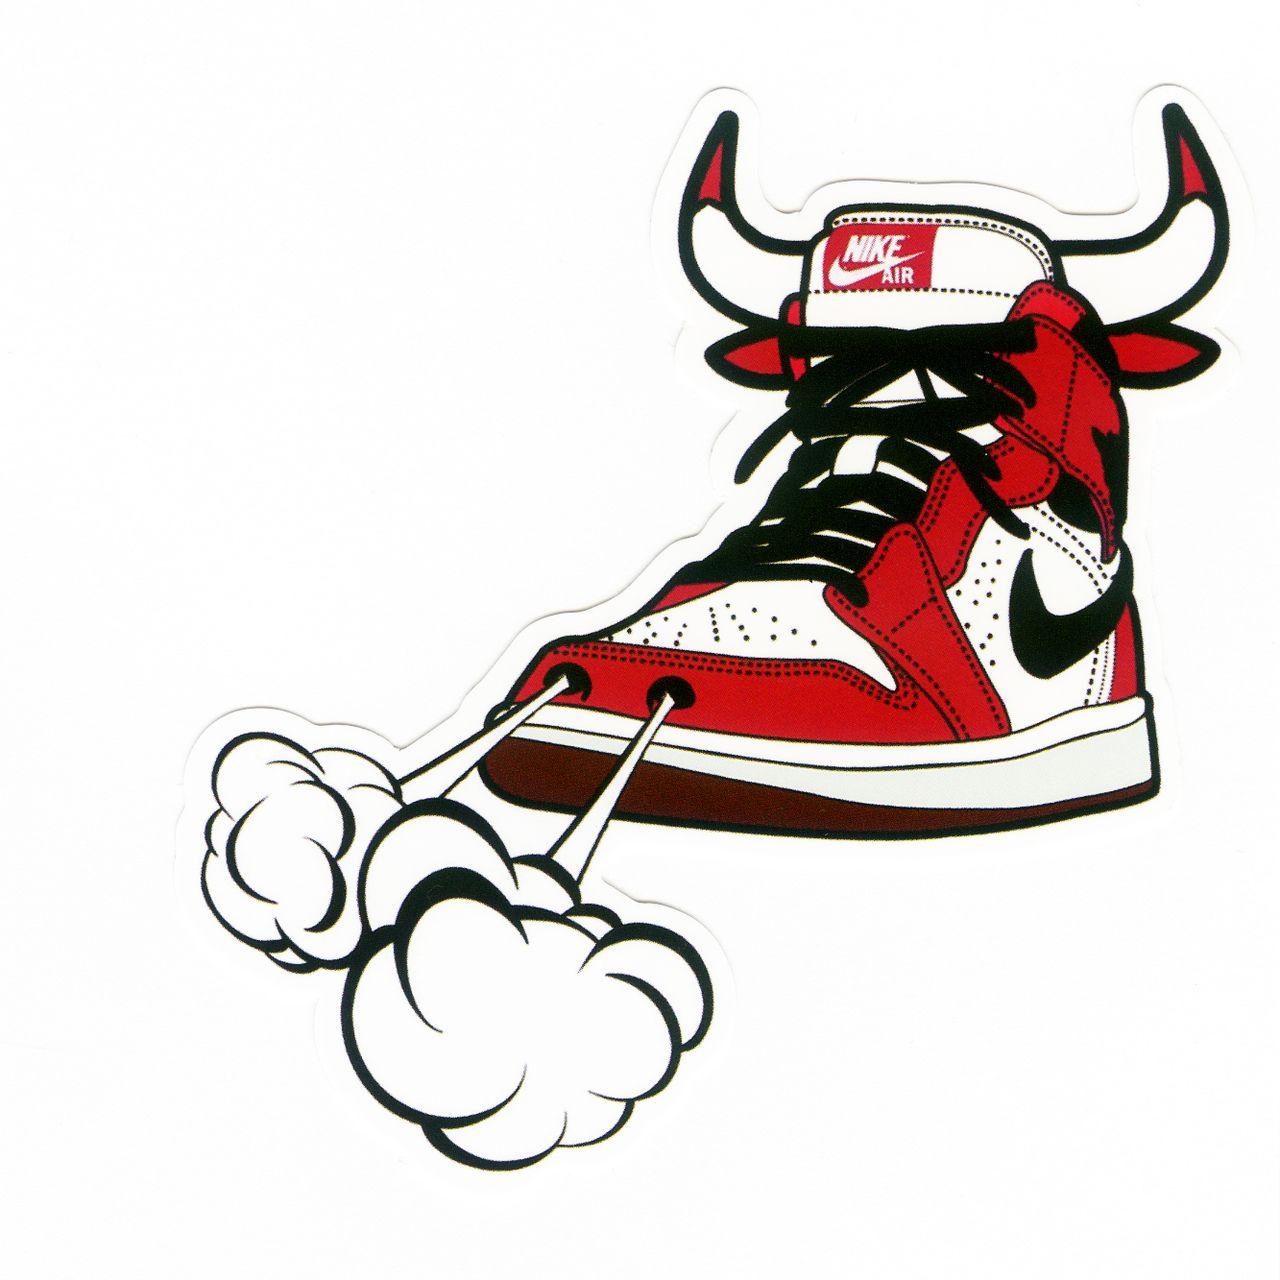 1092 michael jordan 1 sneakers nike air chicago bulls height 9